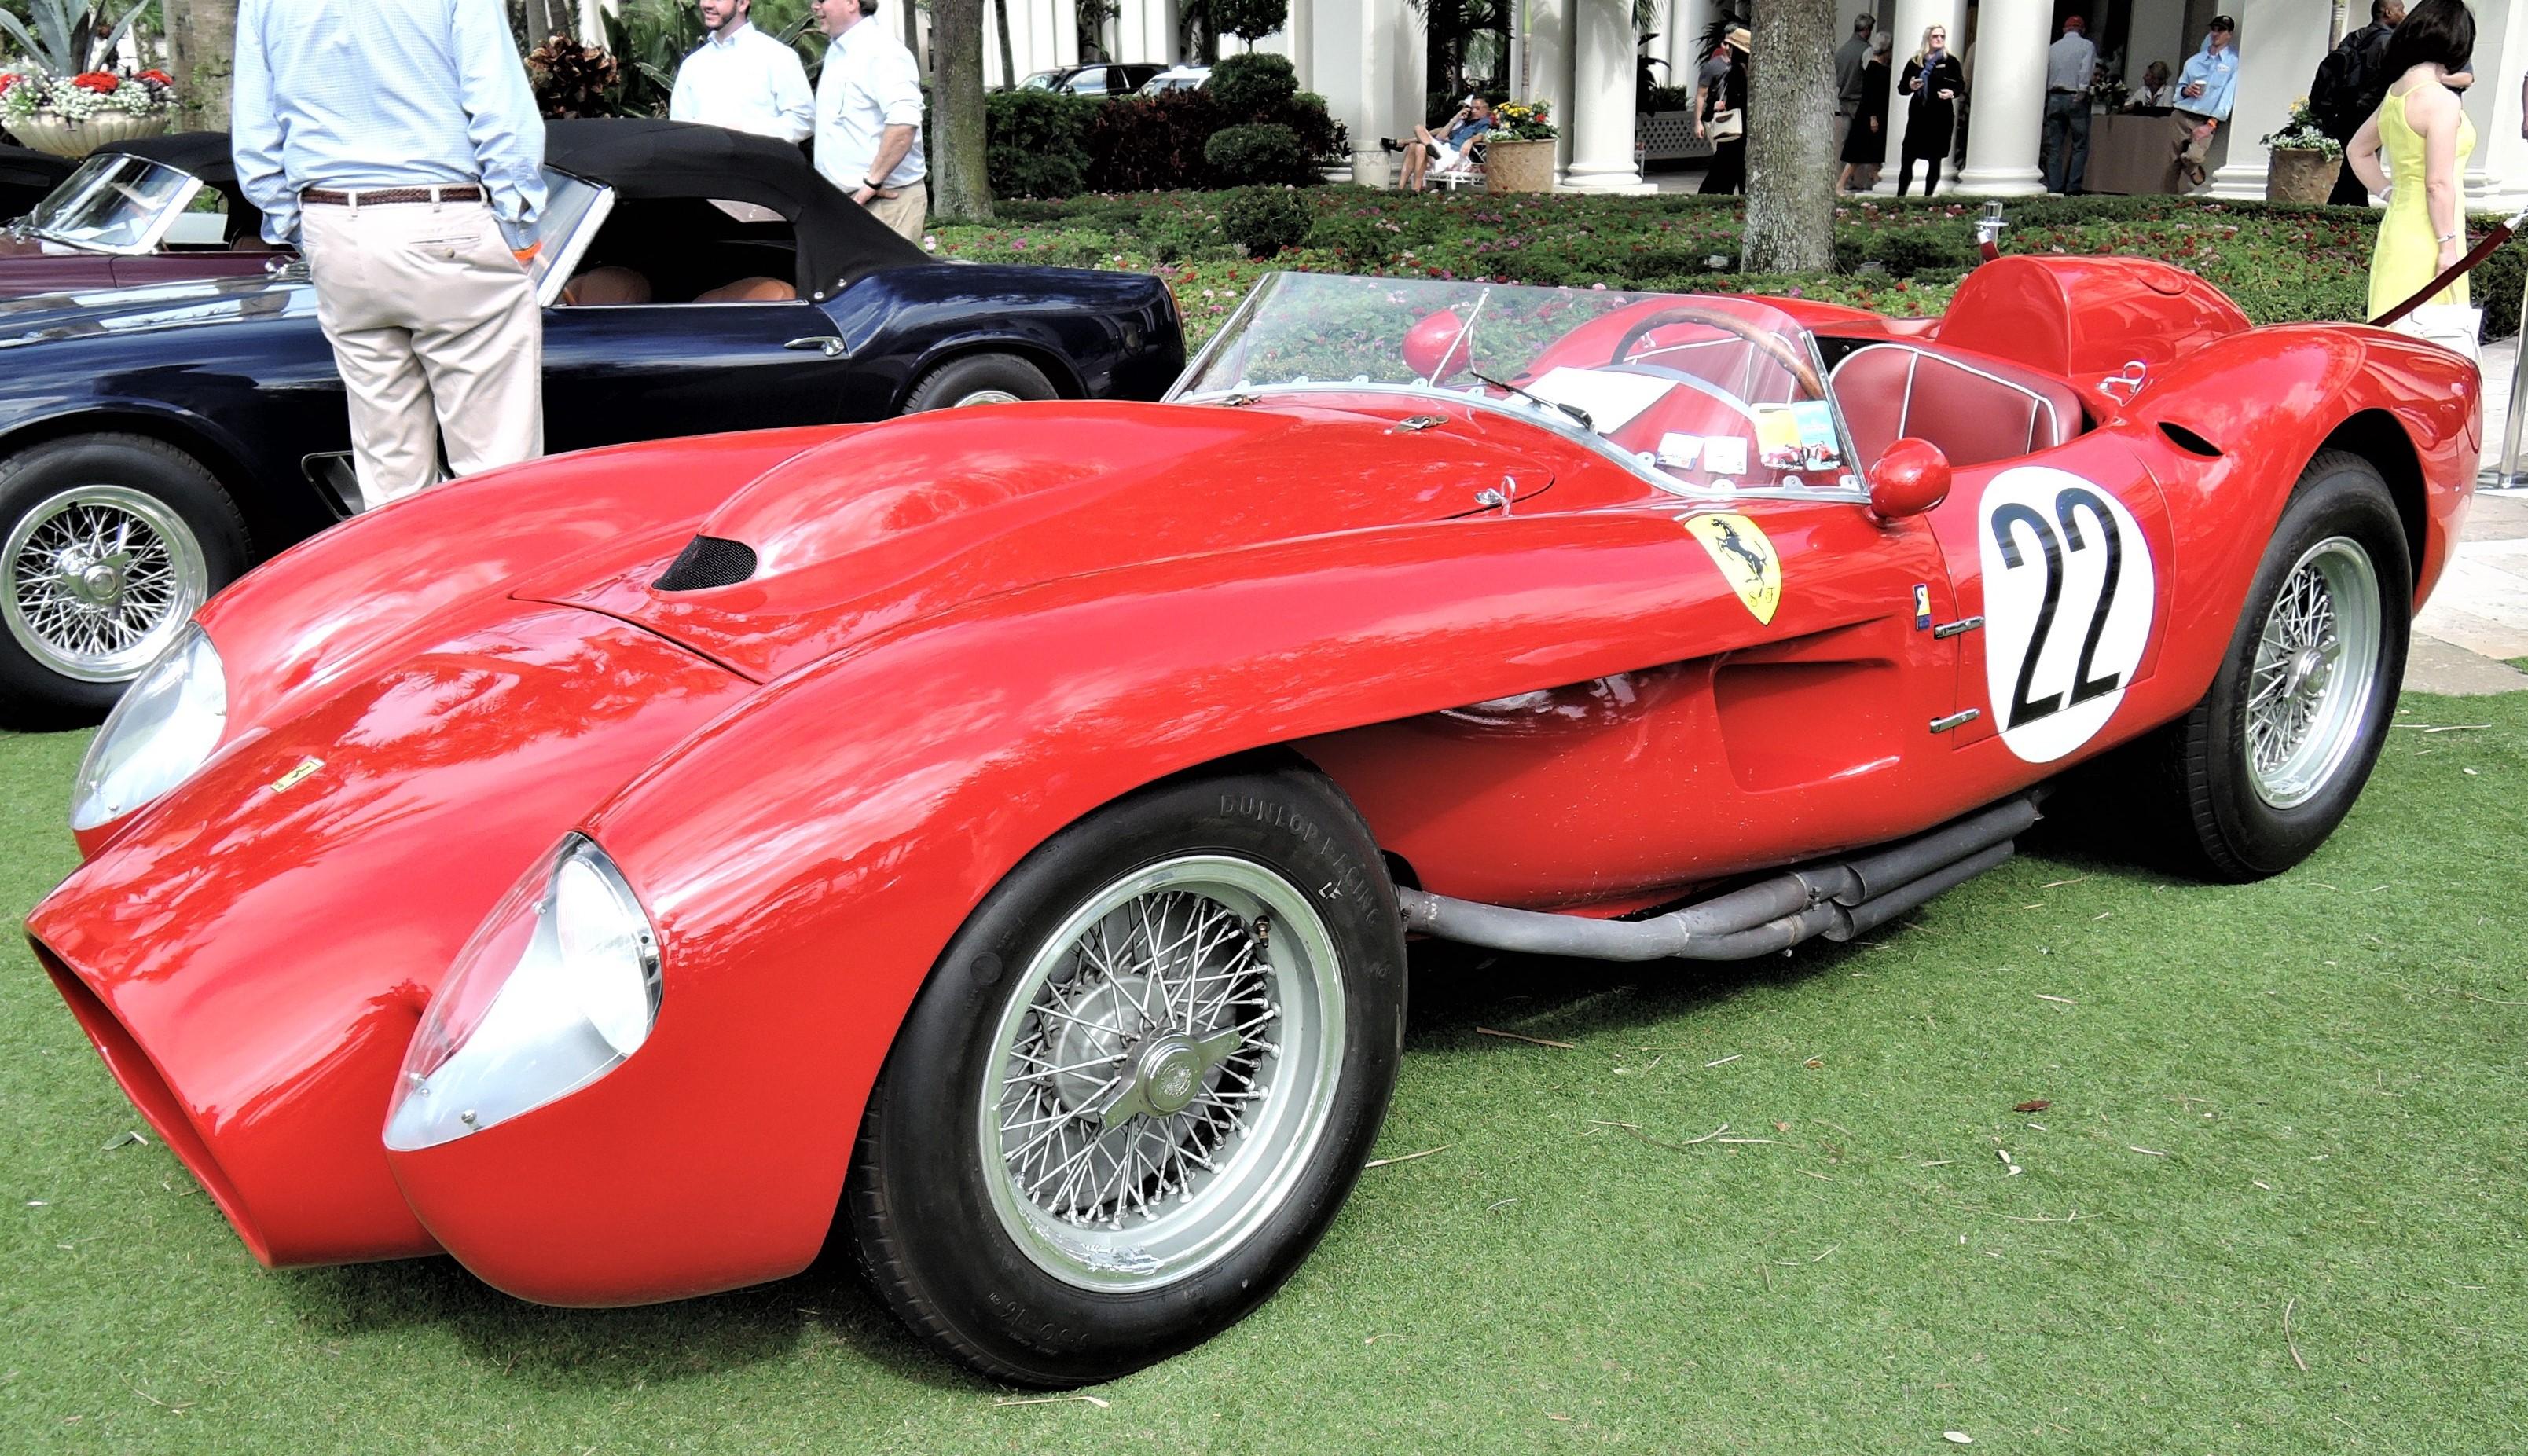 red 1958 Ferrari 250 Testarossa; Sn 0754 TR - Cavallino 2018 Concours